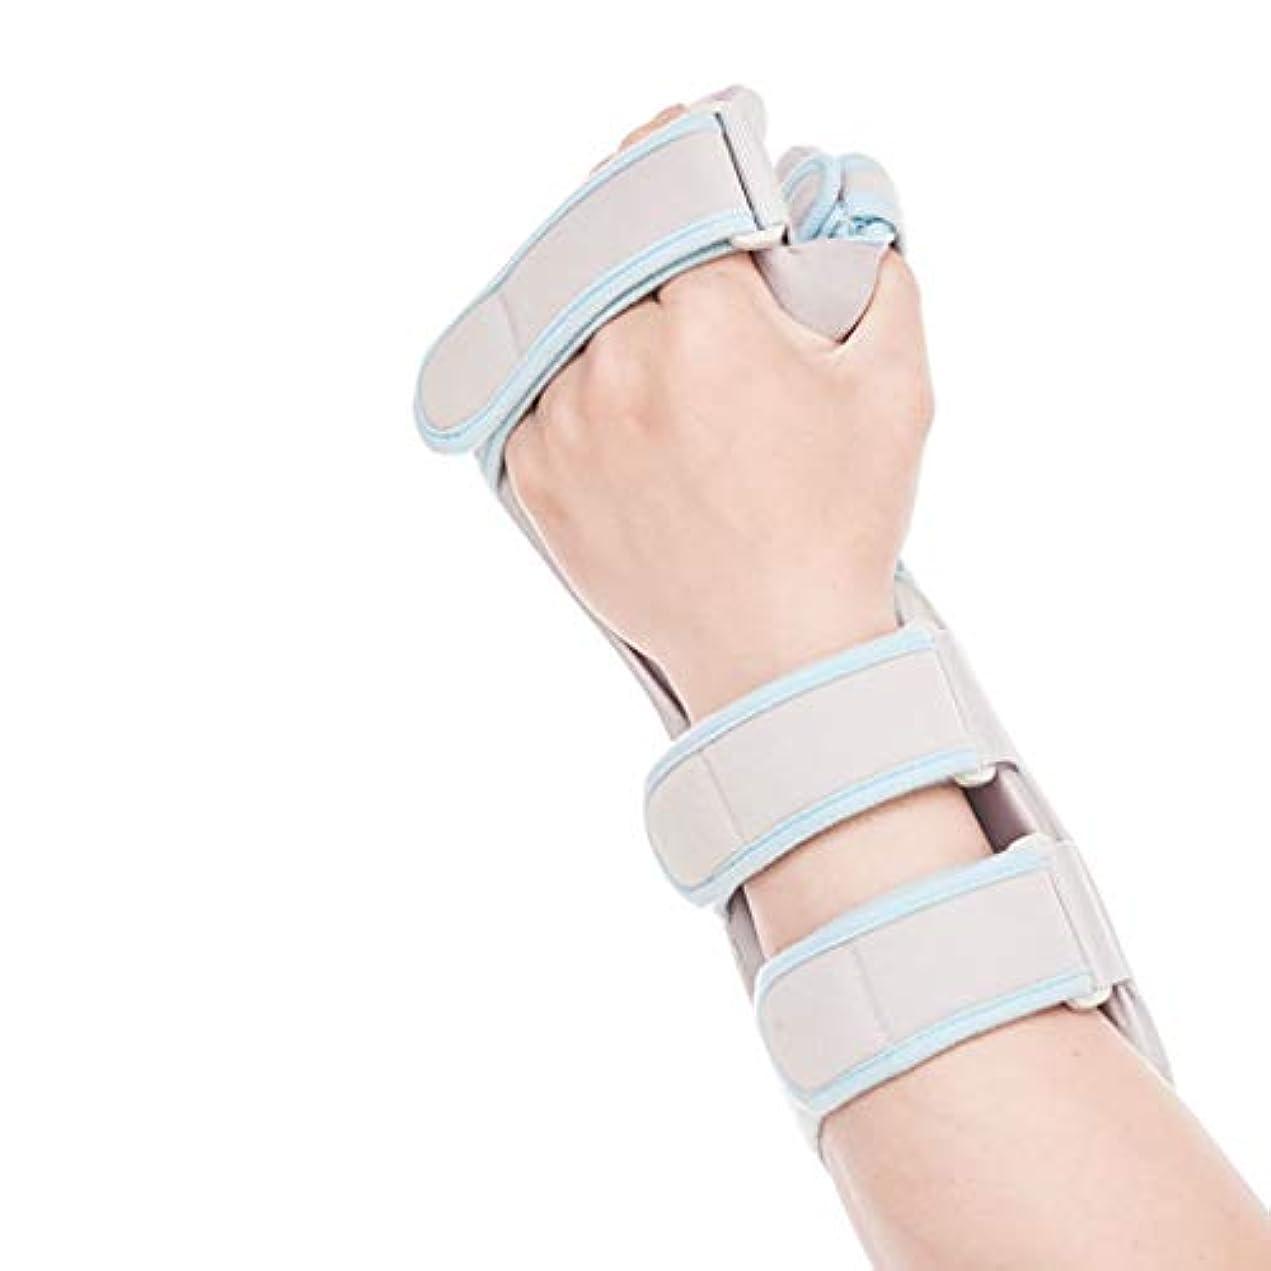 百科事典ウェイドファイバ引き金用の指の延長副木指のマレット指の指のナックル固定指の骨折創傷術後のケアと痛みを軽減する指サポートトレーニングブレース,Lefthand